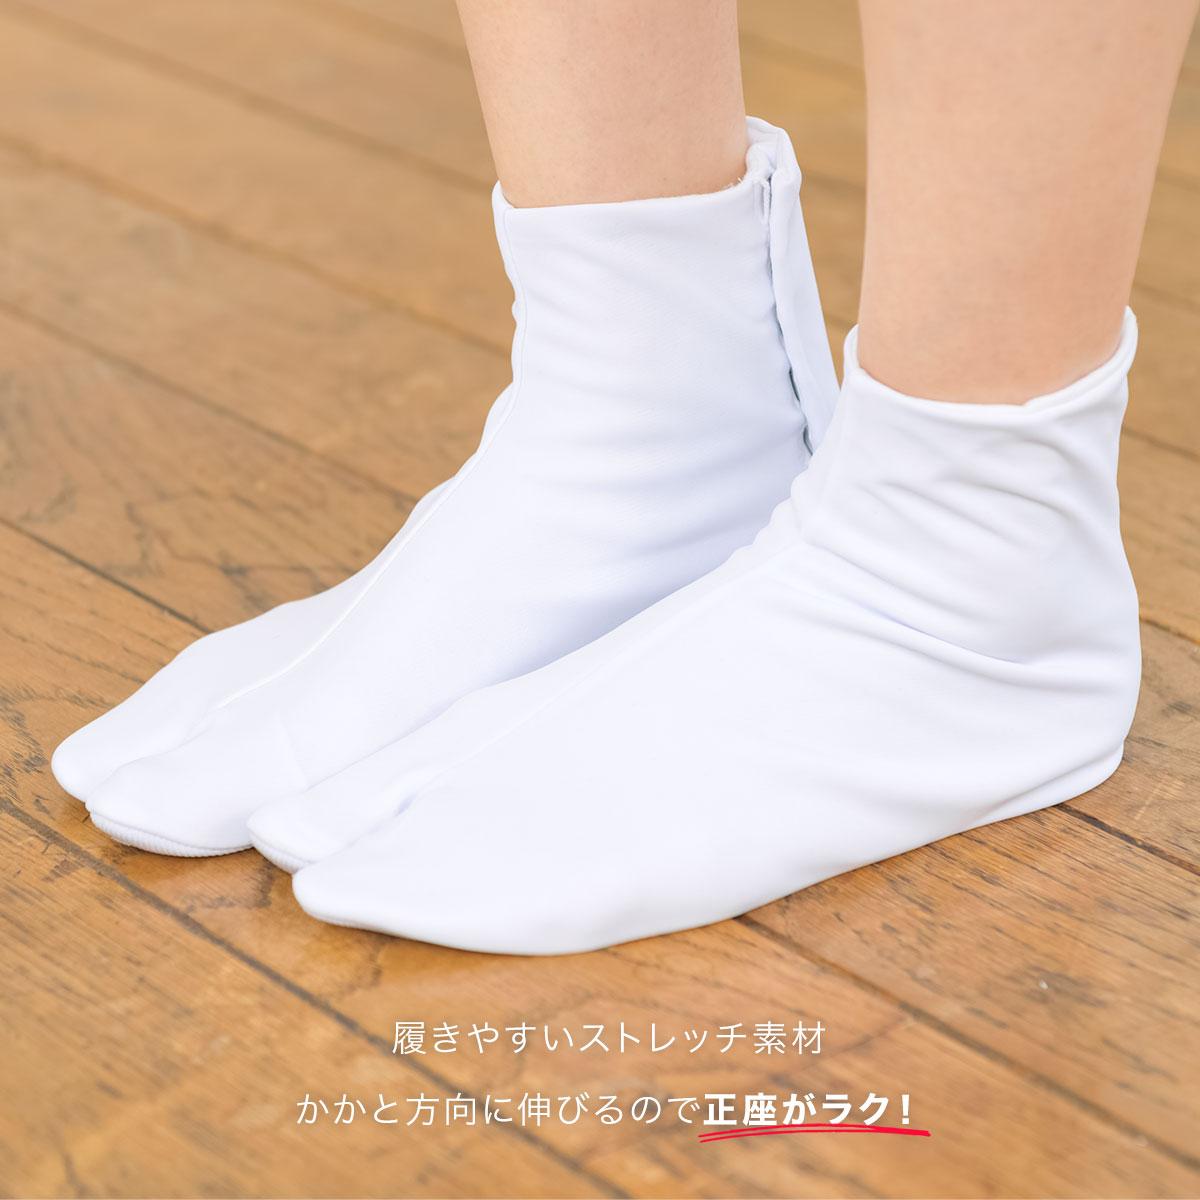 東レナイロントリコットの白足袋